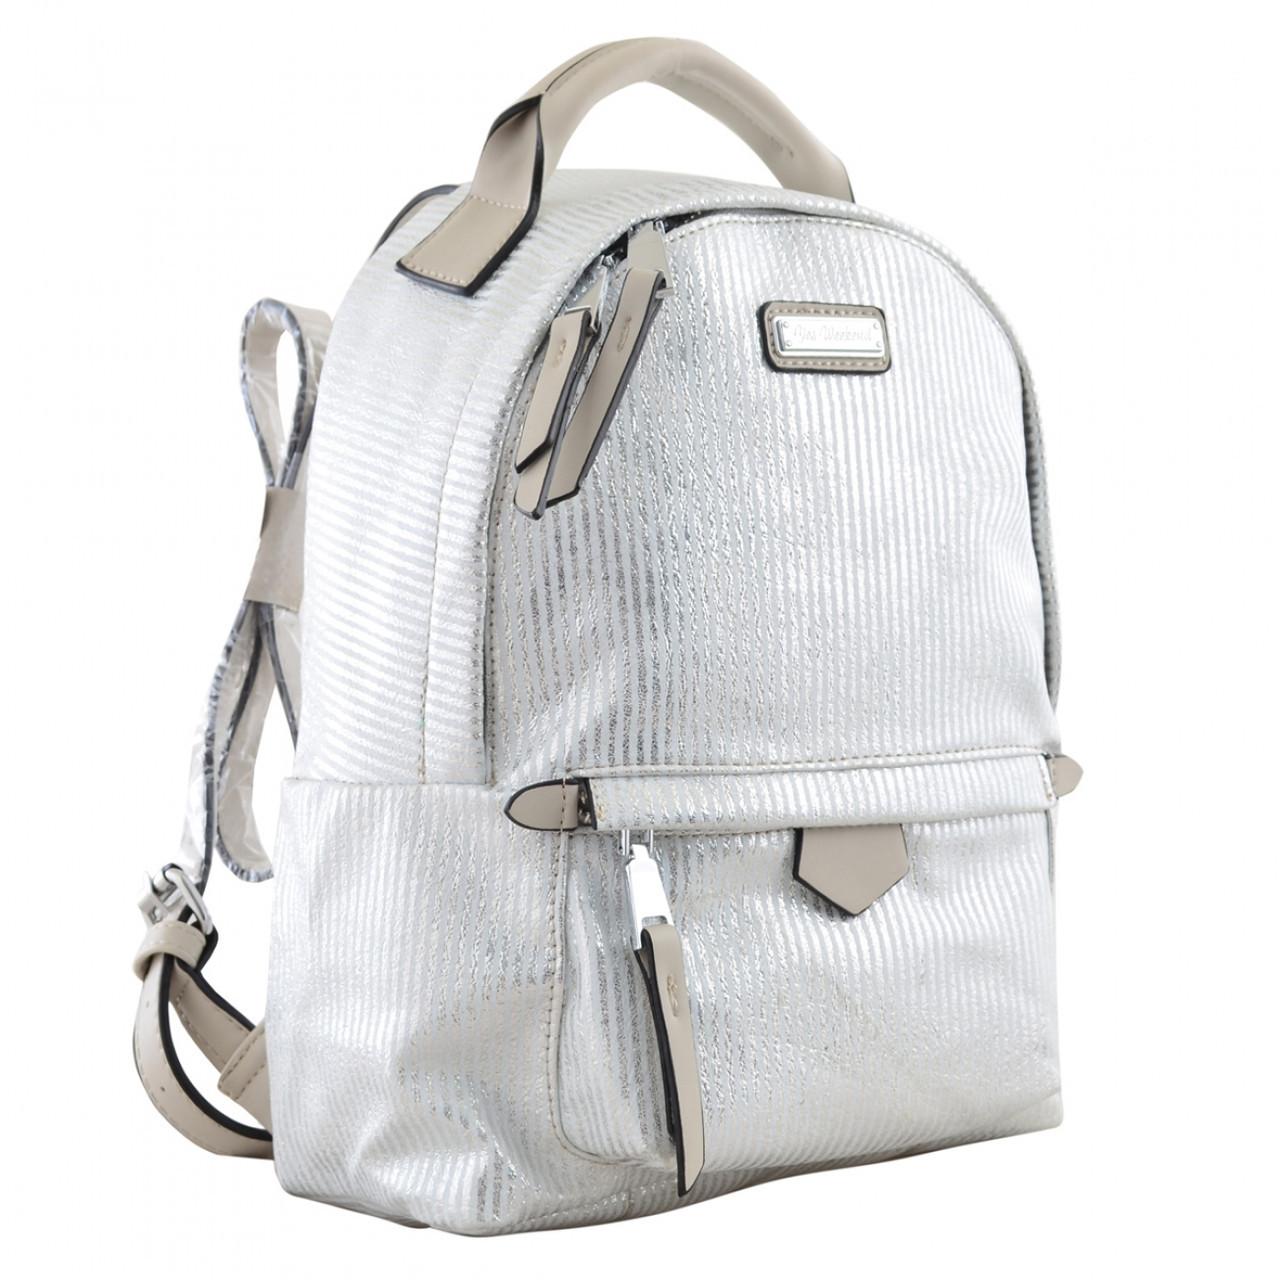 Рюкзак молодёжный YW-27, 22*32*12, серебряный